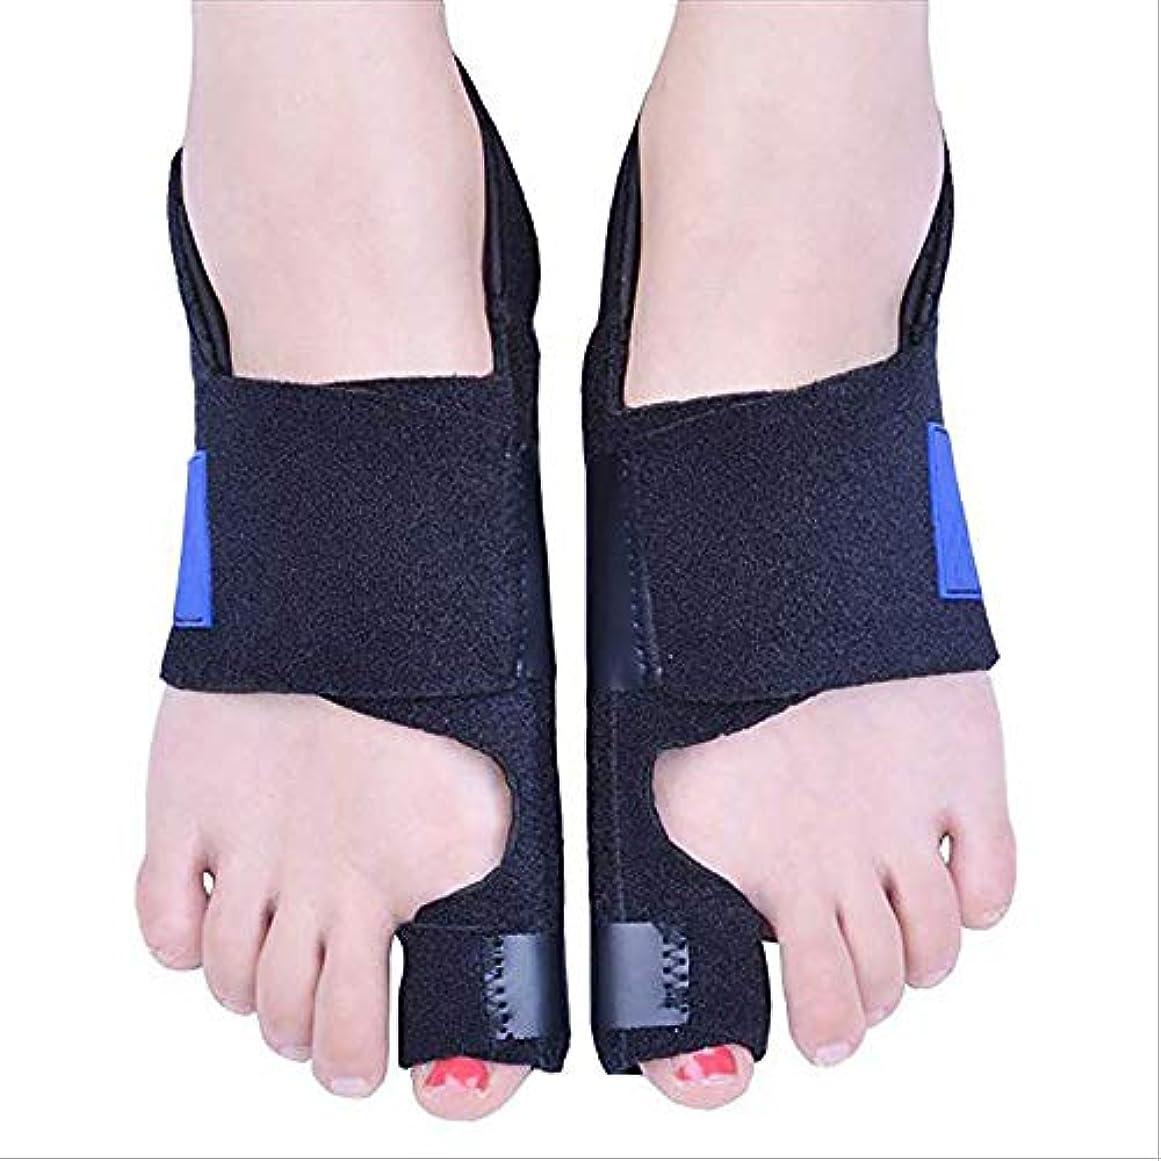 時制名誉脳整形外科用フットサポートトゥセパレーター、Thumb valgus pain補正装置、昼夜を問わず携帯マッサージ保護姿勢で、すぐに痛みを軽減,Black